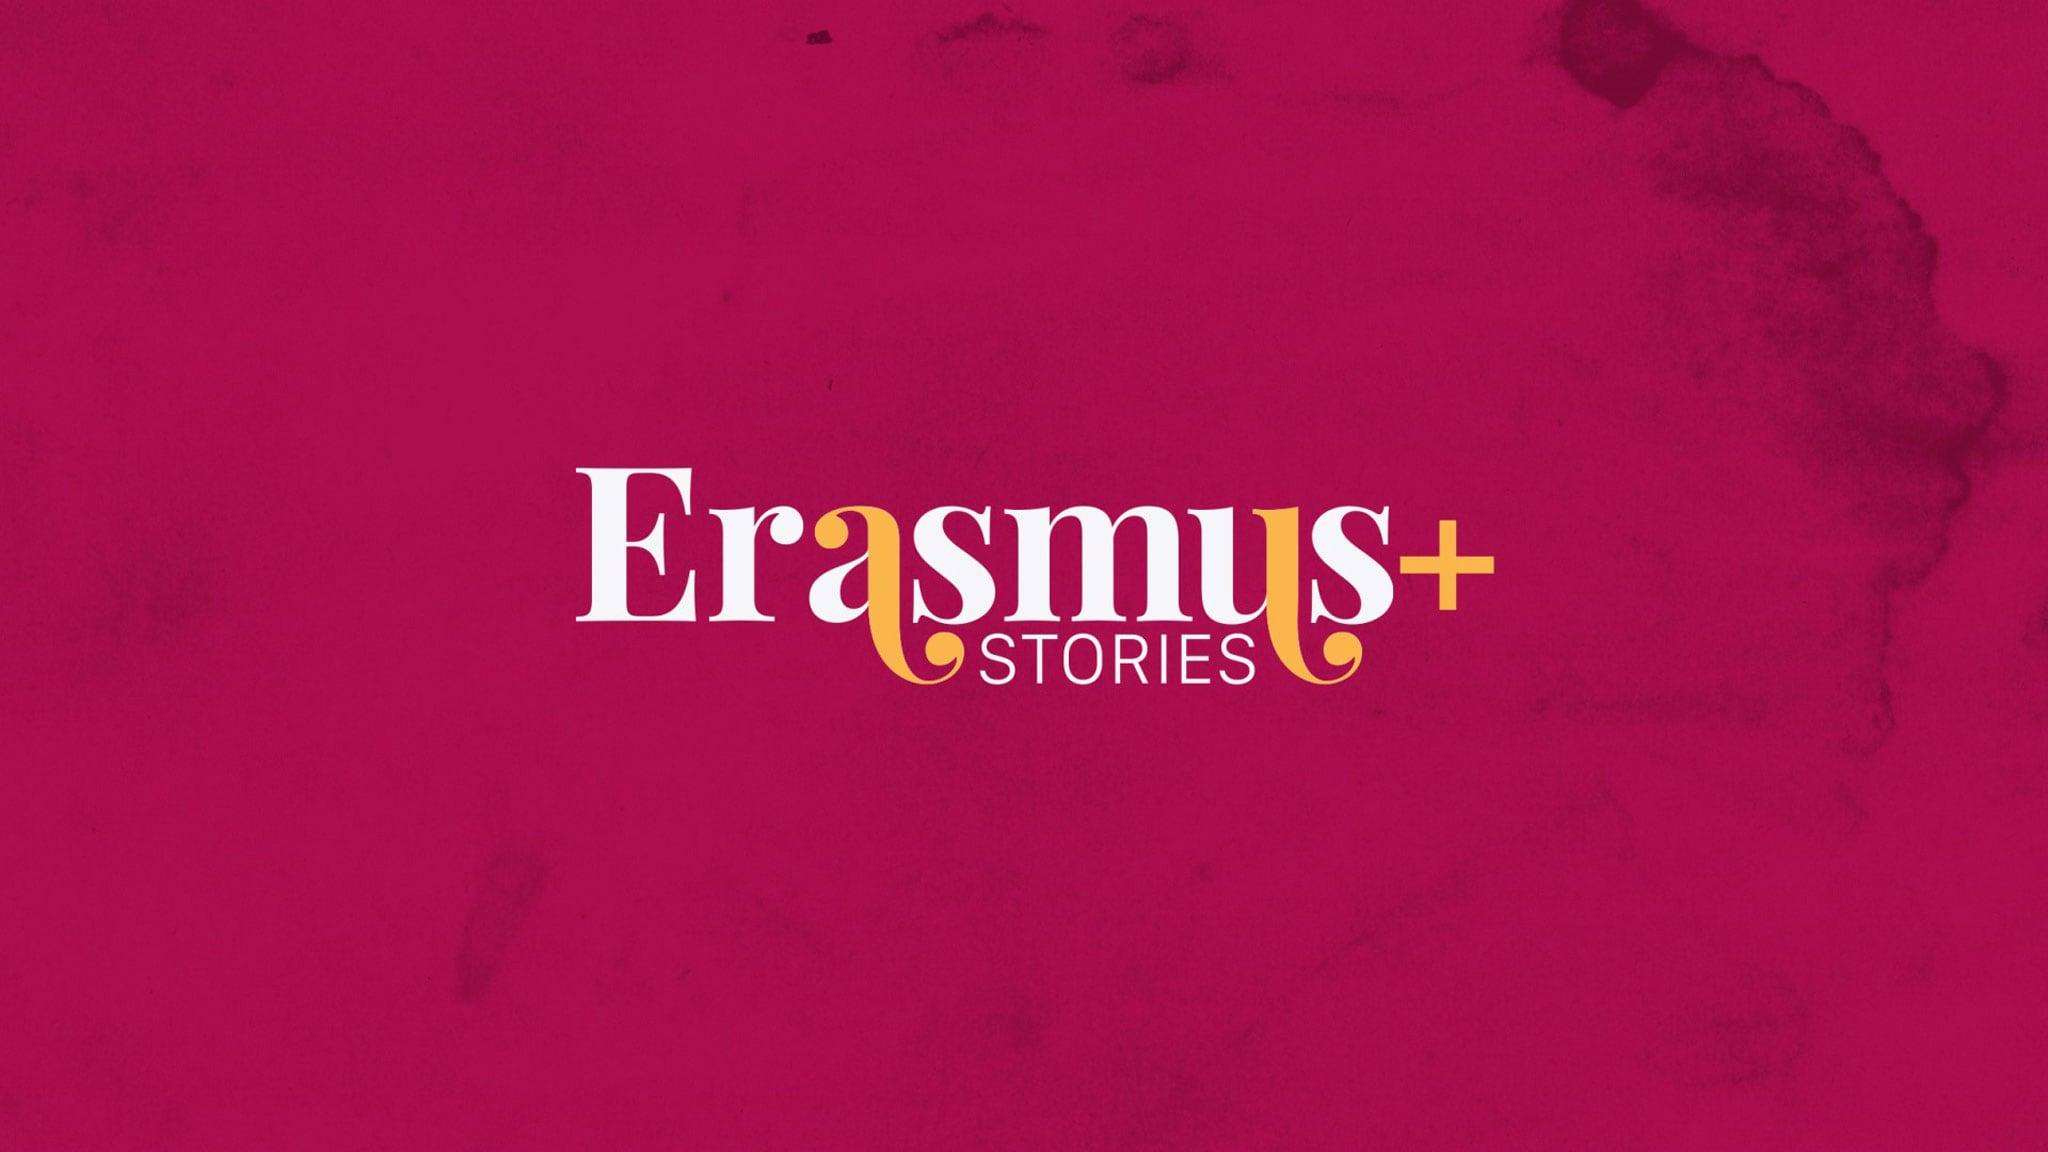 Rai 3 Erasmus Plus Stories - Money